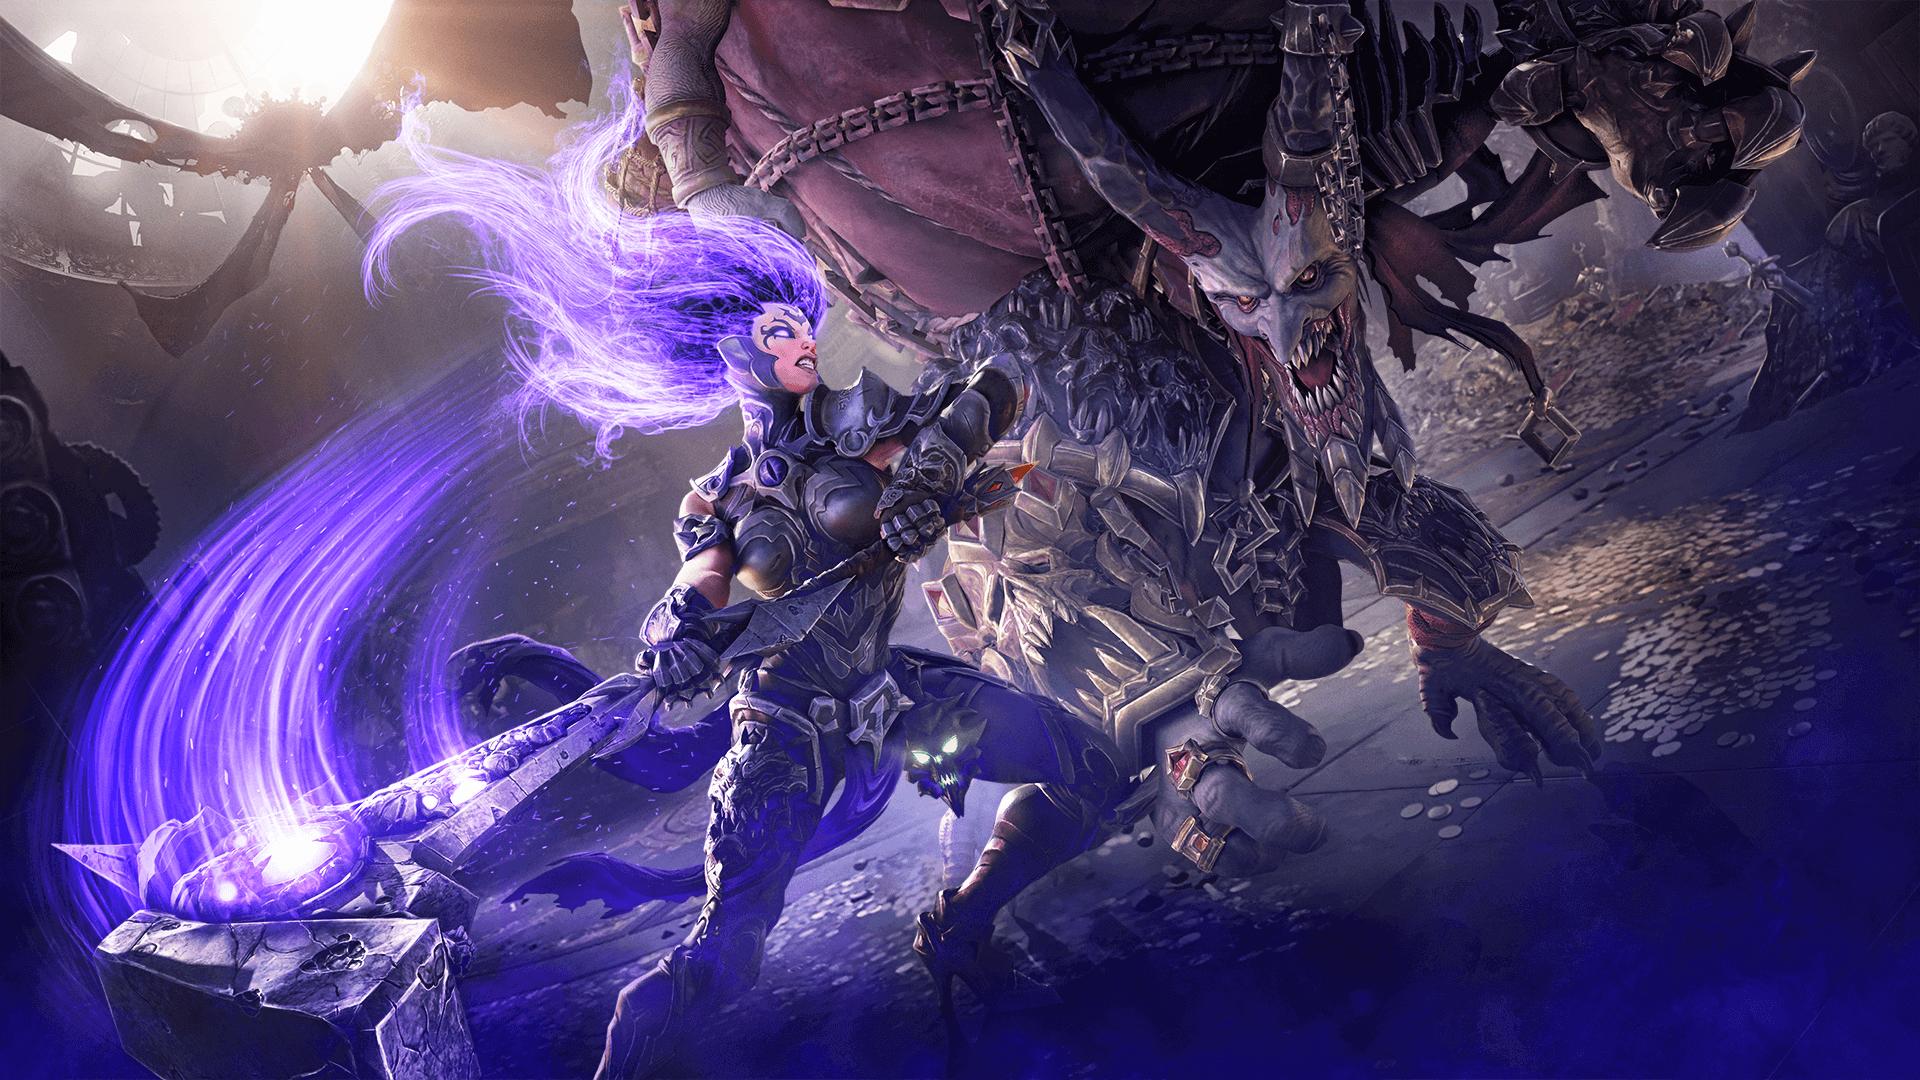 Darksiders III (Xbox One) - 11